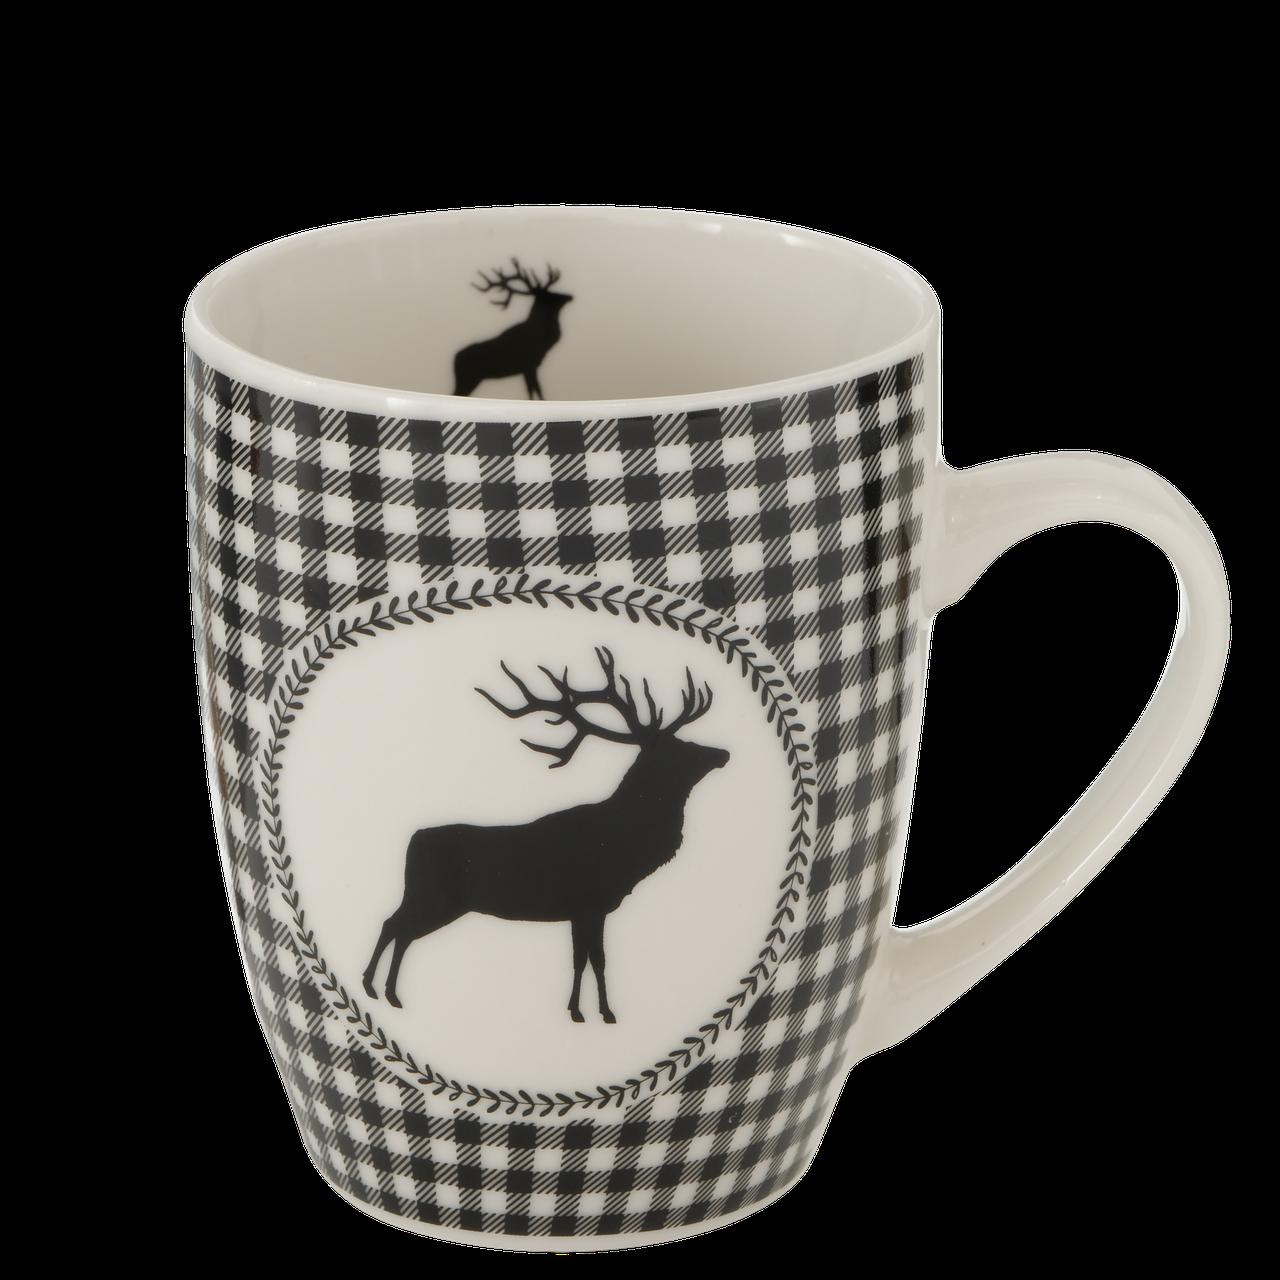 Hirsch Tasse schwarz/weiß